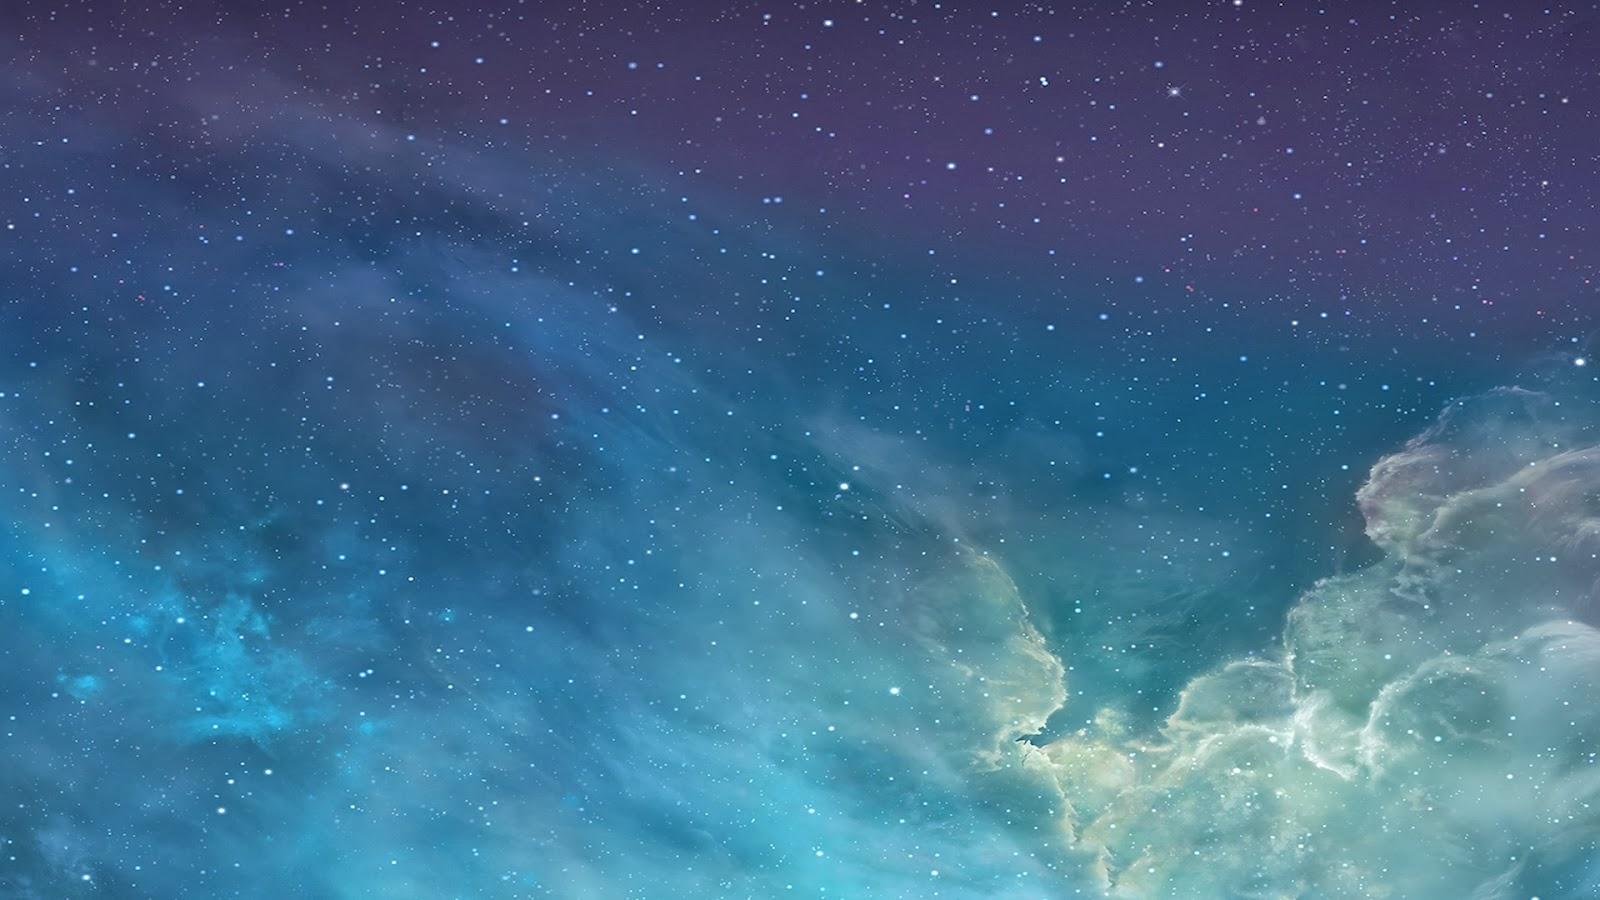 ios 7 nebula wallpaper hd - photo #13